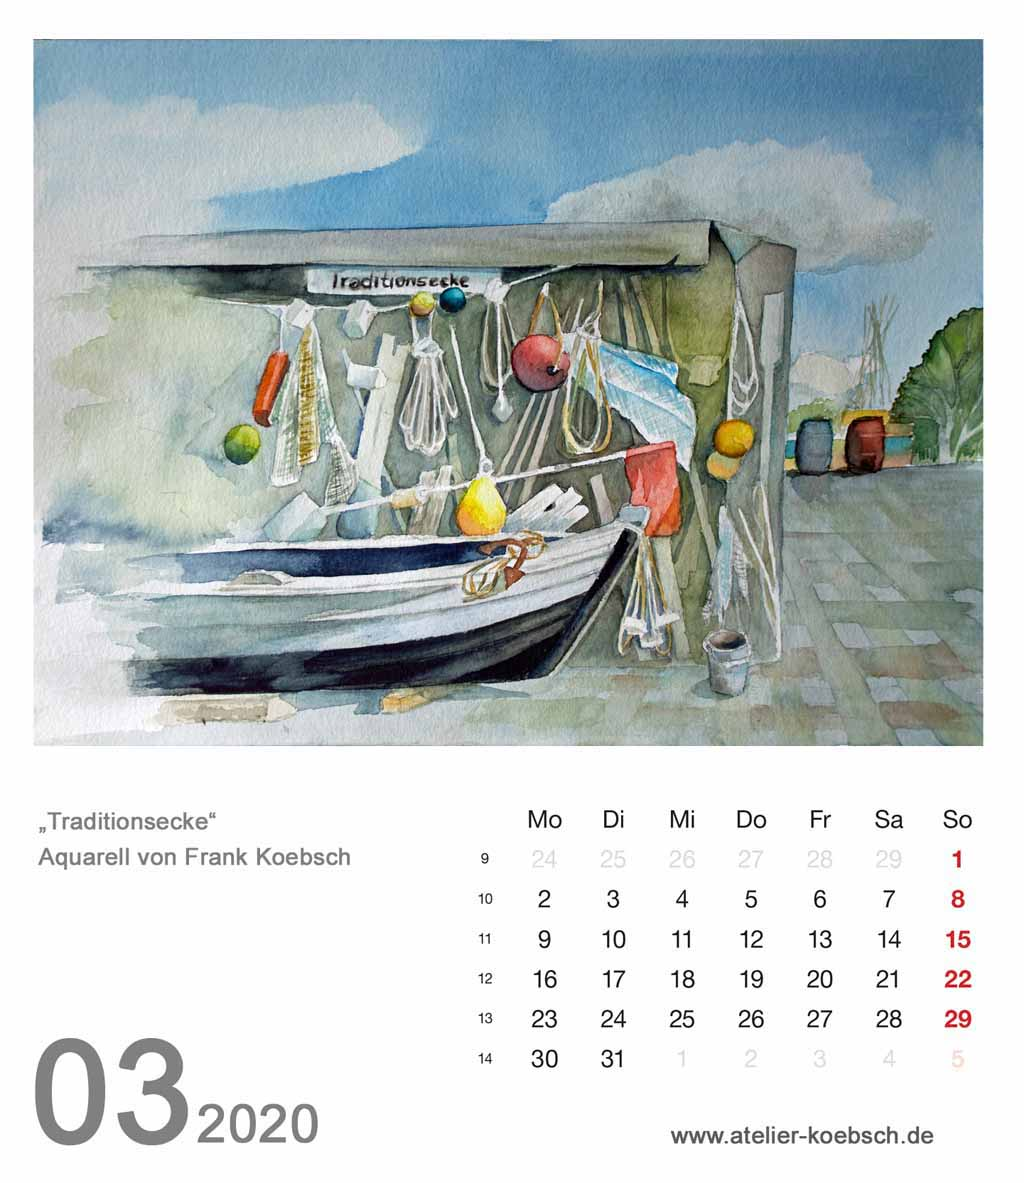 Kalenderblatt März 2020 für den Kalender mit Aquarellen von Hanka & Frank Koebsch